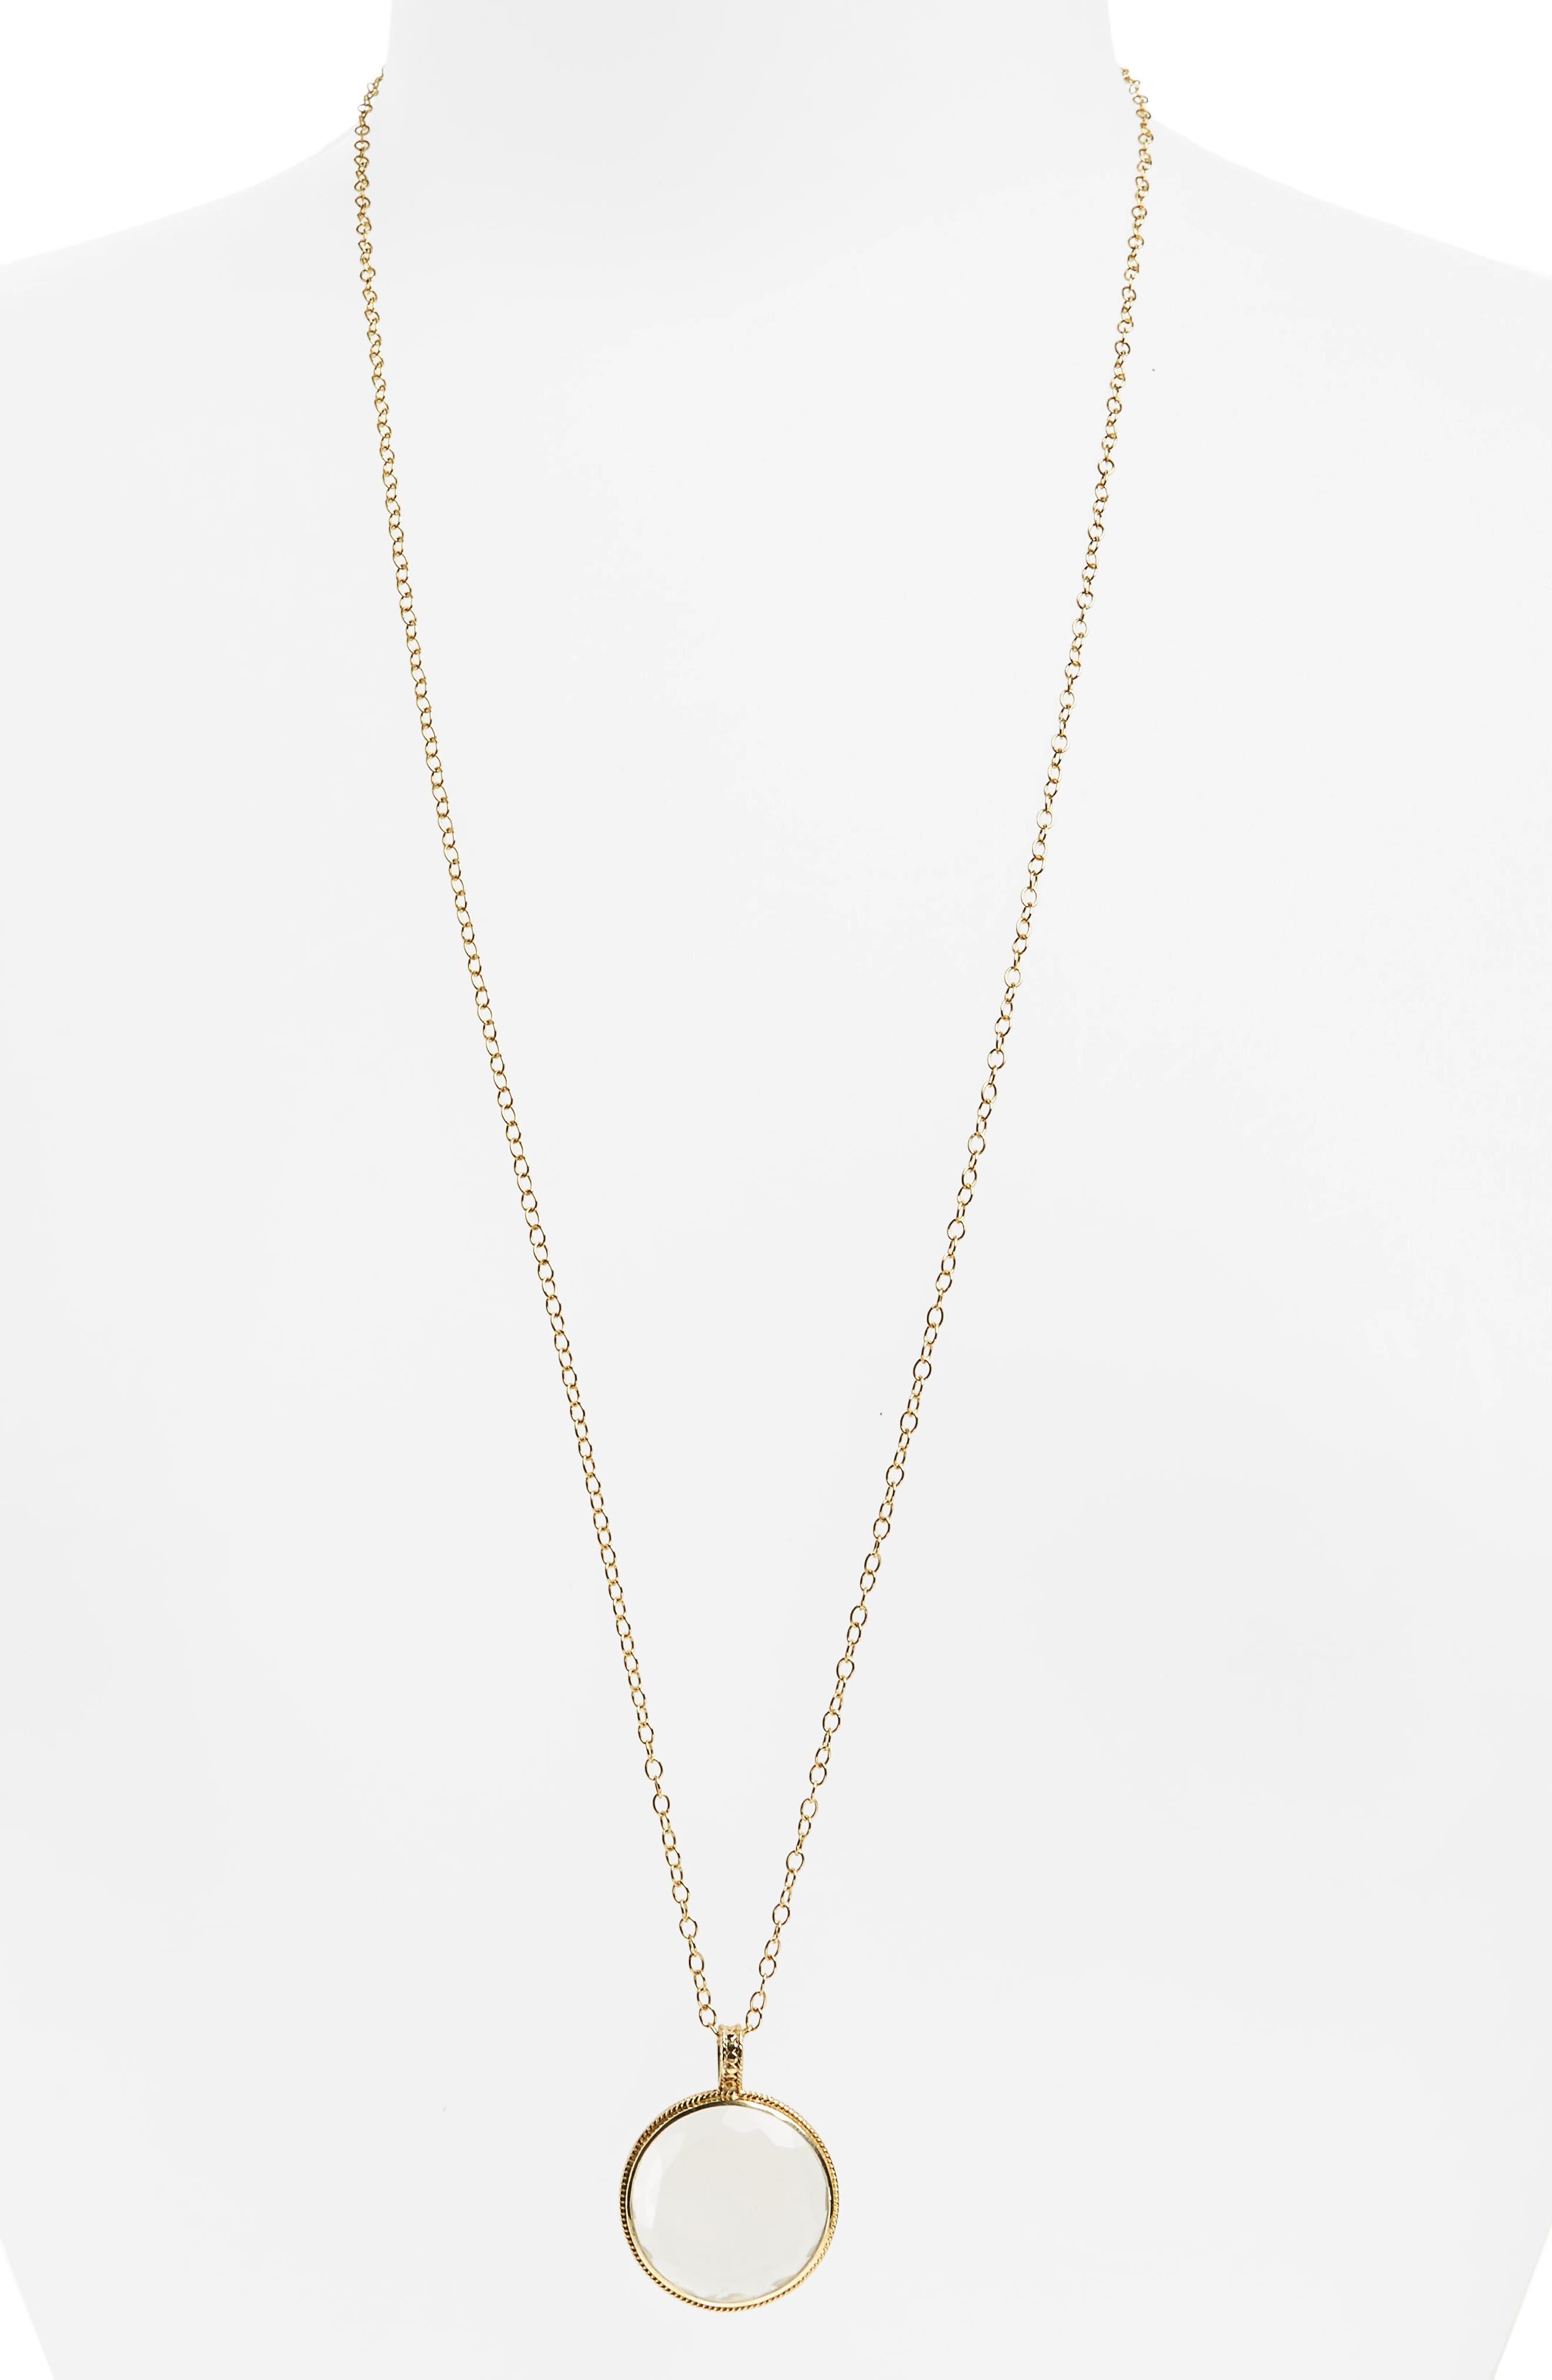 Crystal Quartz Long Pendant Necklace,                         Main,                         color, Gold/ Silver